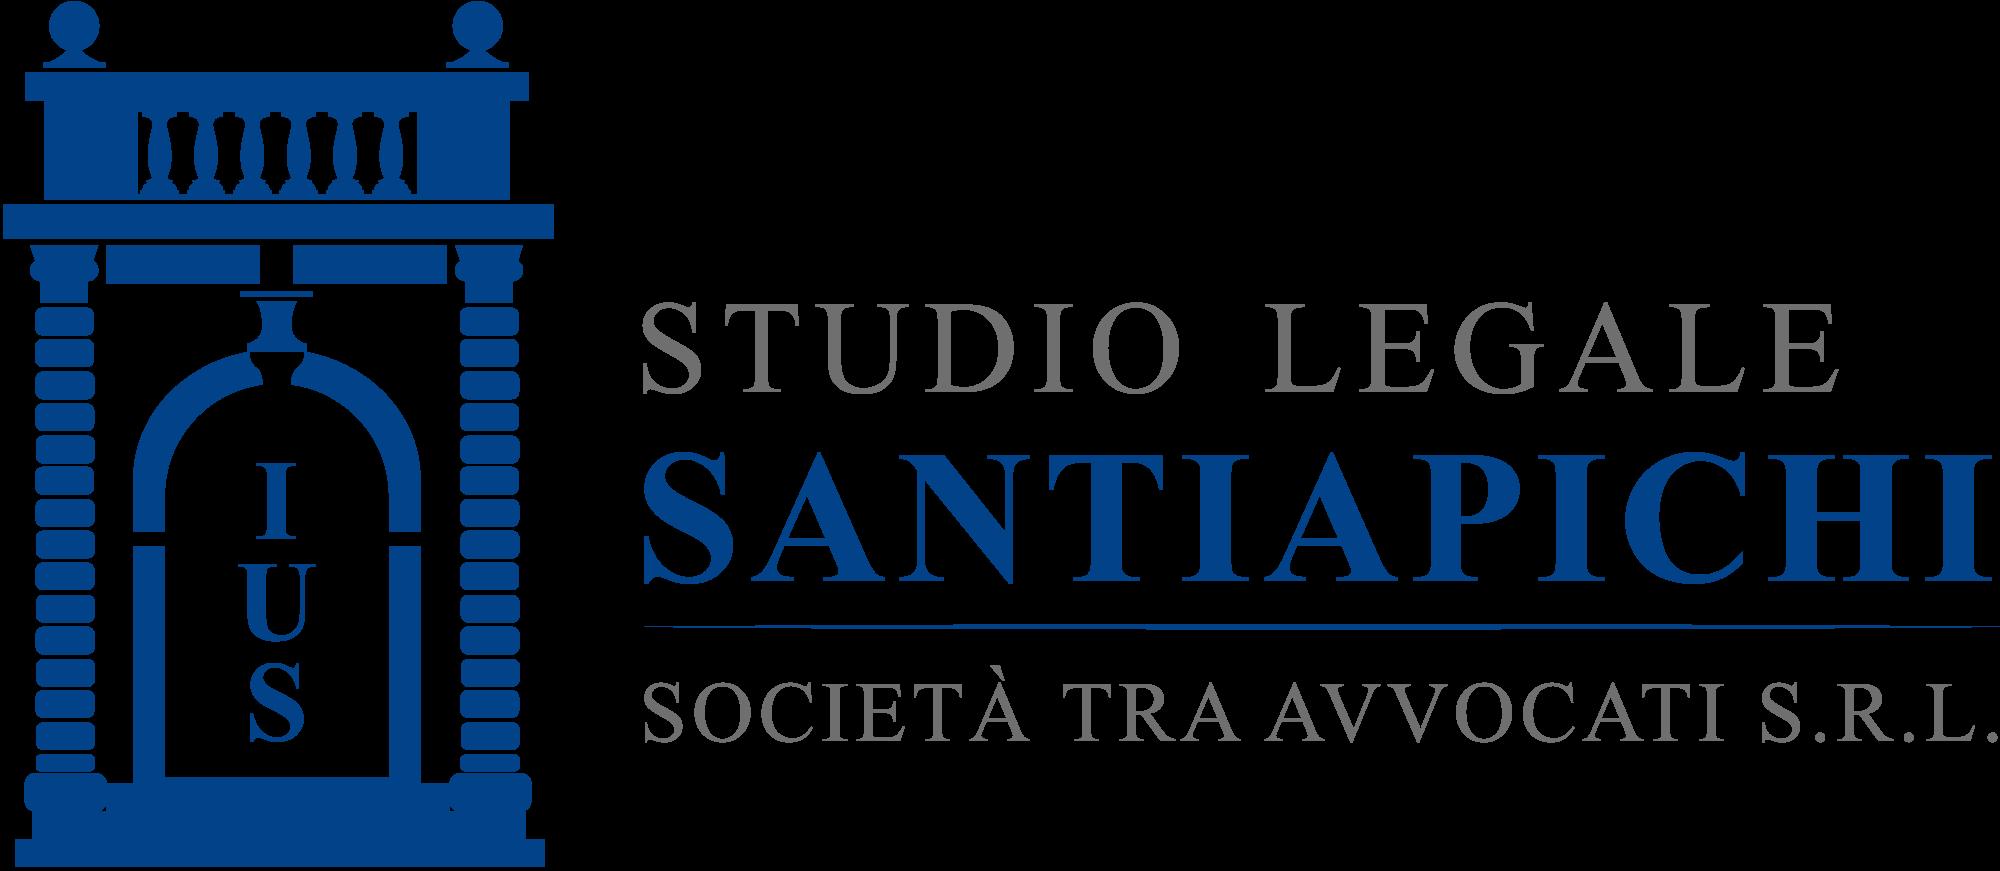 Studio Legale Santiapichi